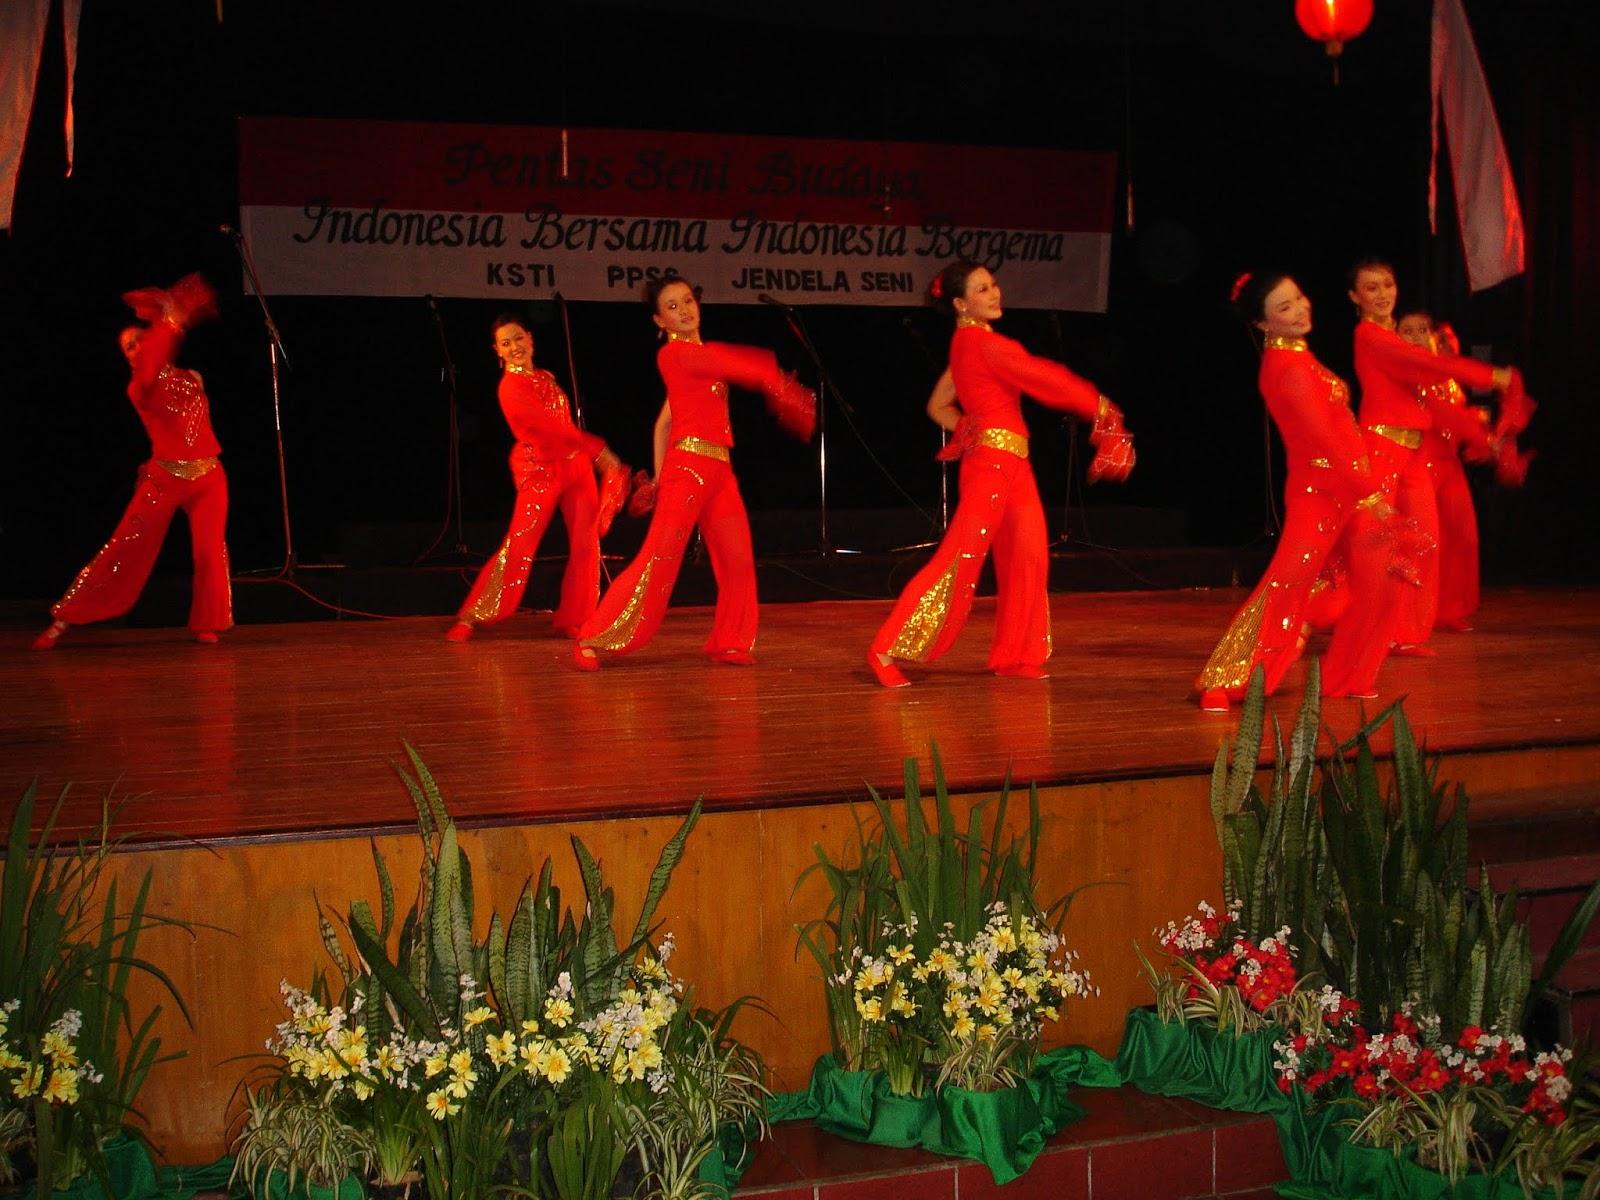 """étty ngararancang dina taun nu baris datang mah acara kolaburasi pintonan seni budaya """"Tionghoa Sunda"""" bakal leuwih uyeuban deui DGP"""